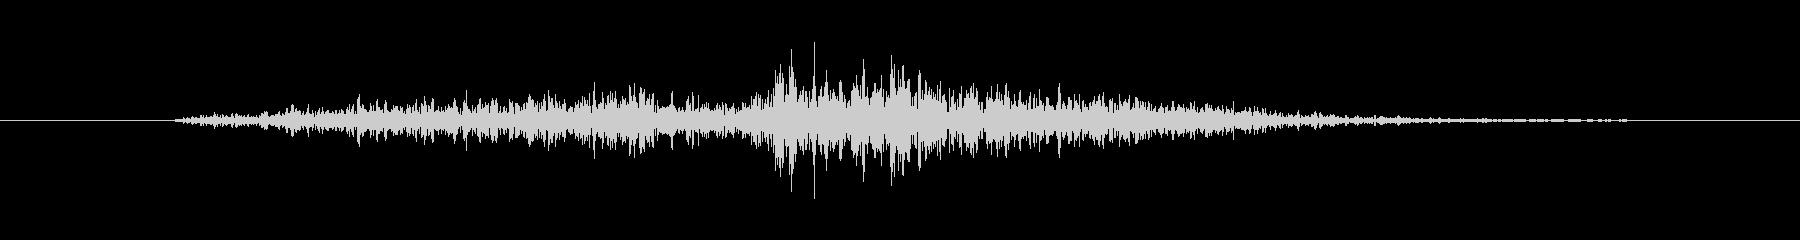 シックル スイング02の未再生の波形